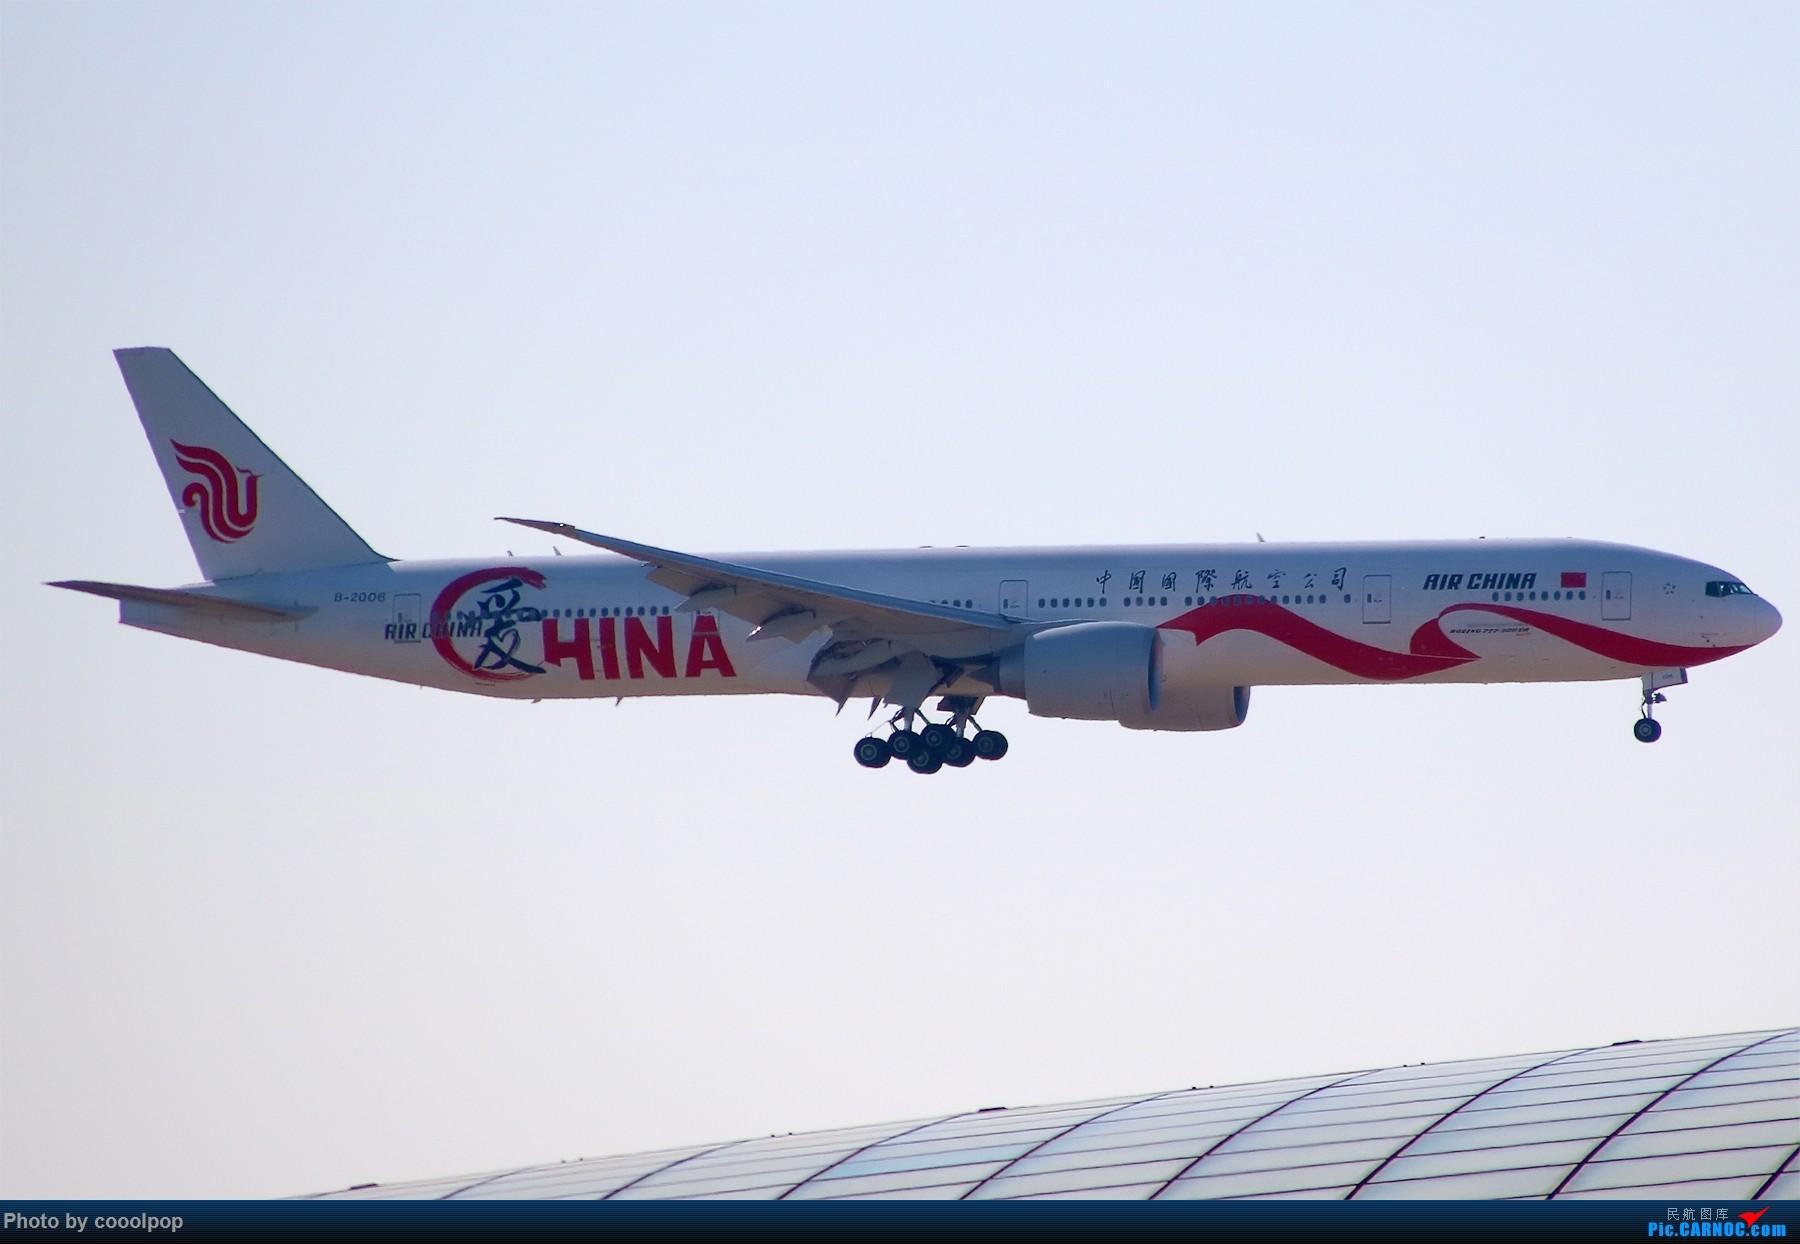 Re:[原创]PEK T3 桥上的一些大鸟!牌彩绘是要拼人品哒! BOEING 777-300ER B-2006 中国北京首都国际机场